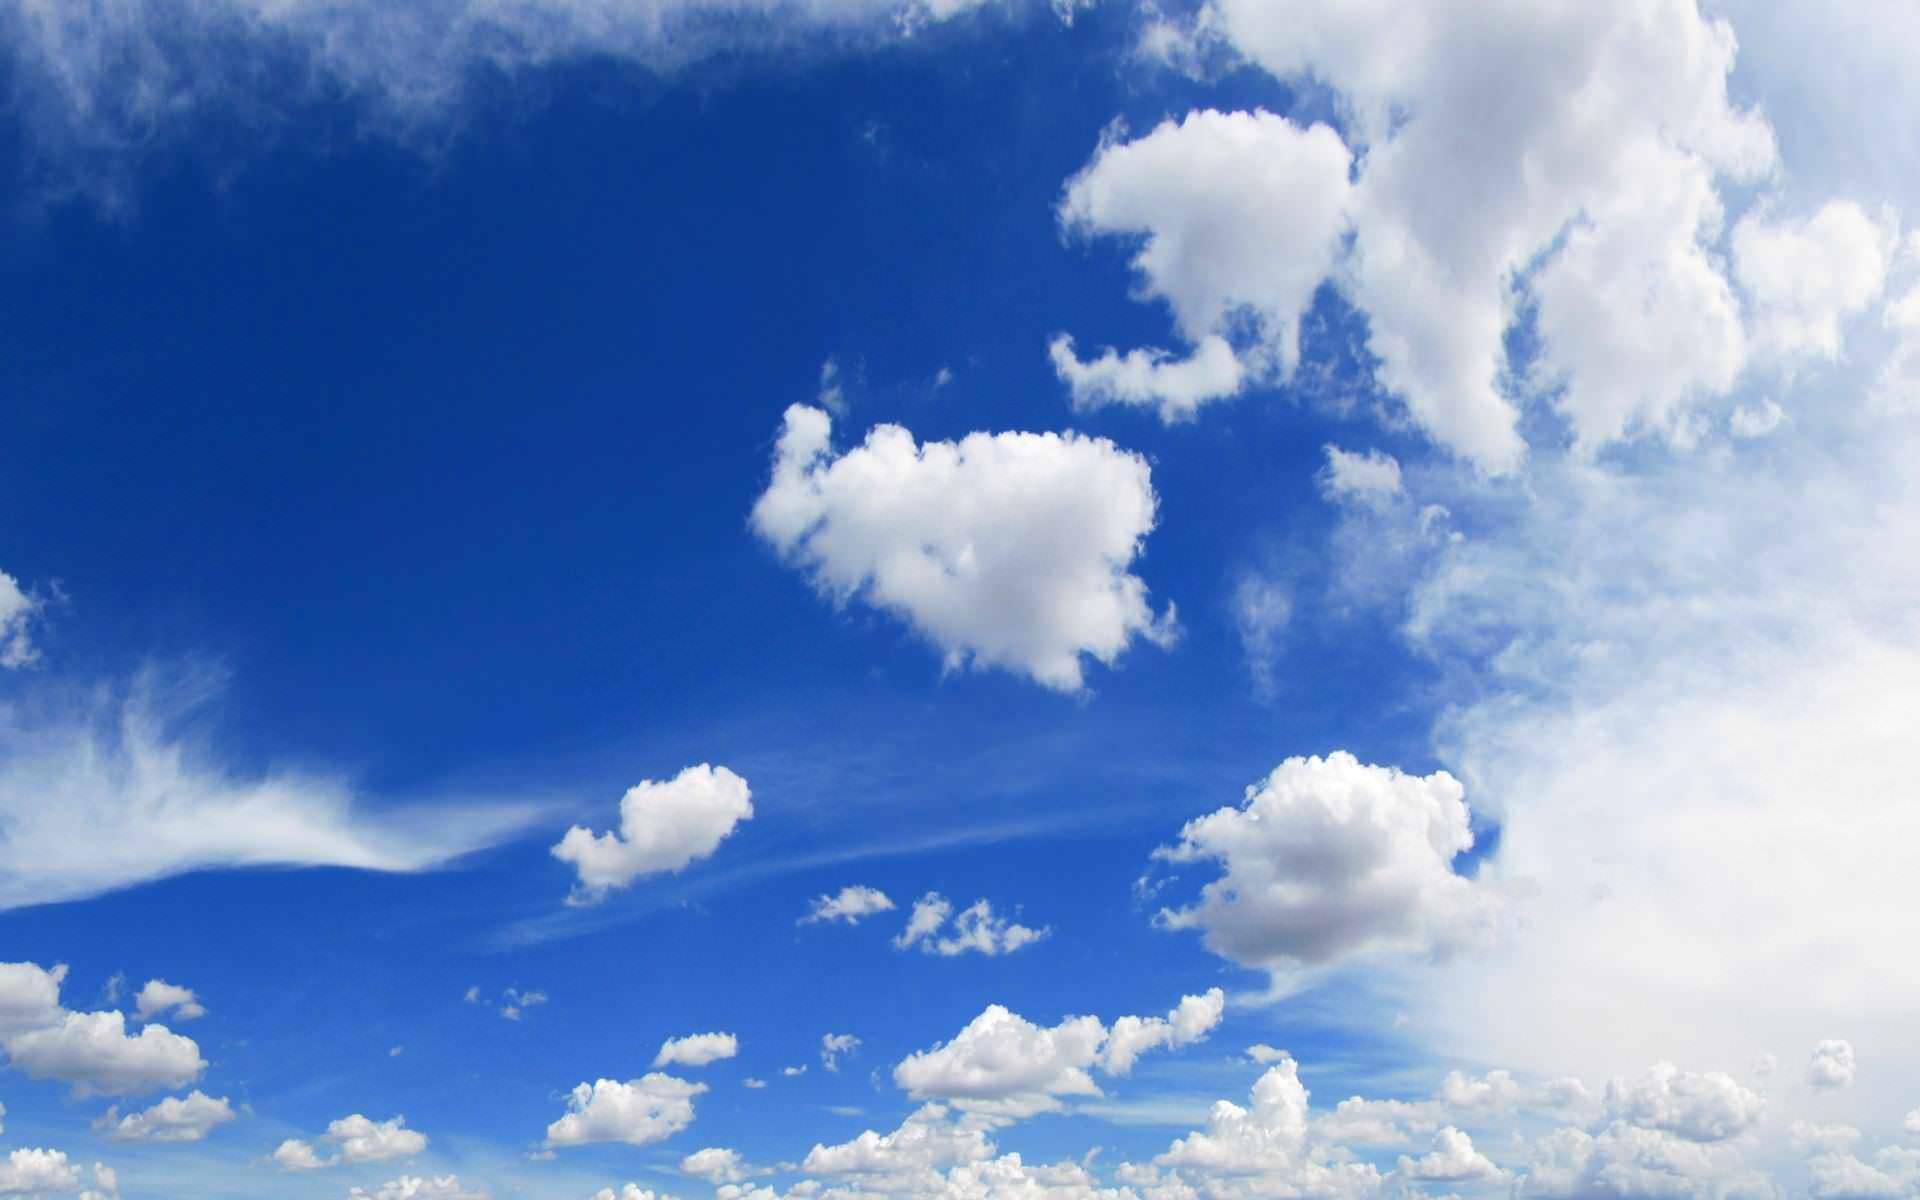 plano de fundo ceu e nuvens